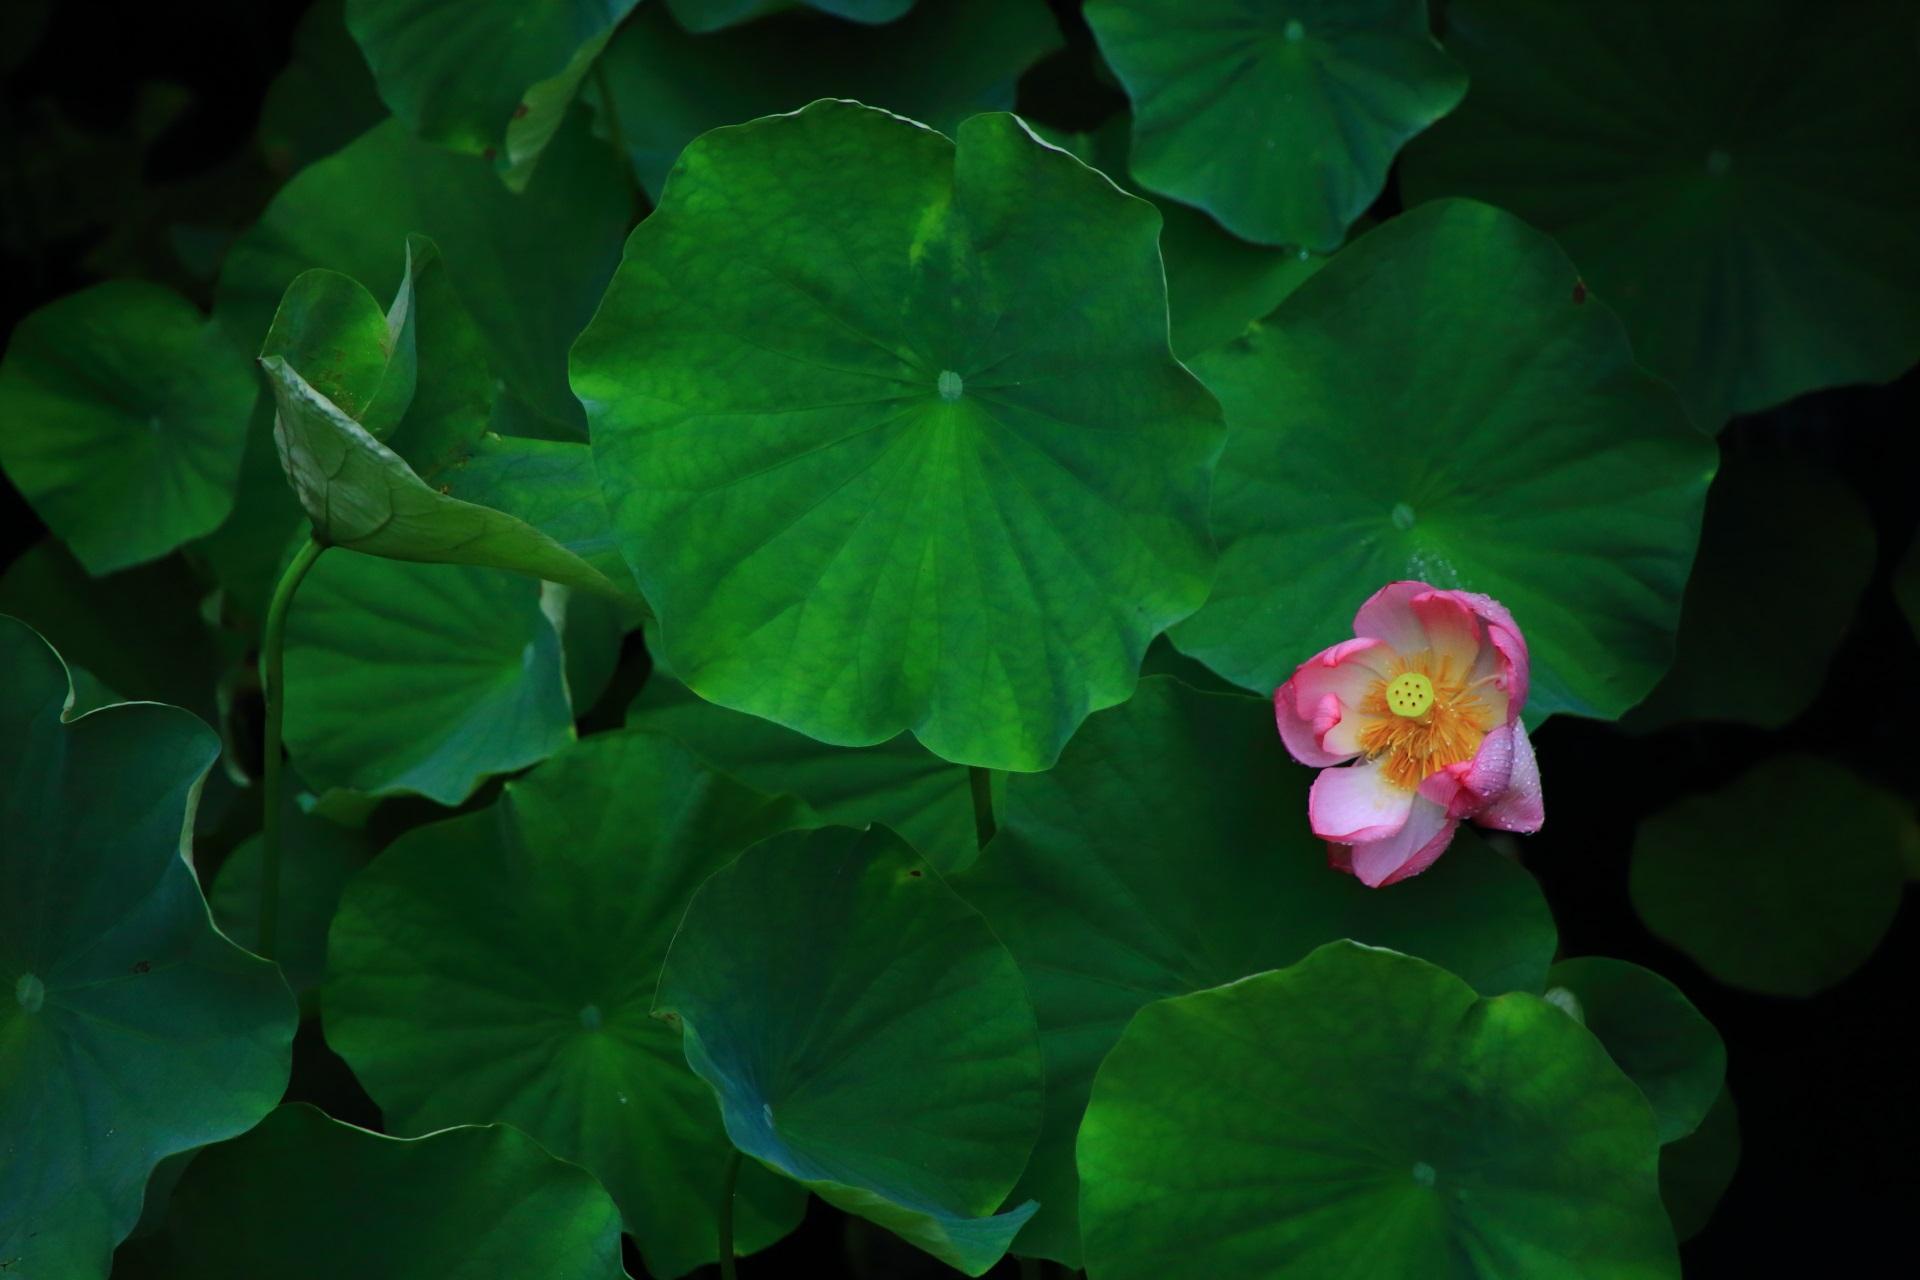 大谷本廟の池の蓮の葉の深い緑の中で映える鮮やかなピンクの花